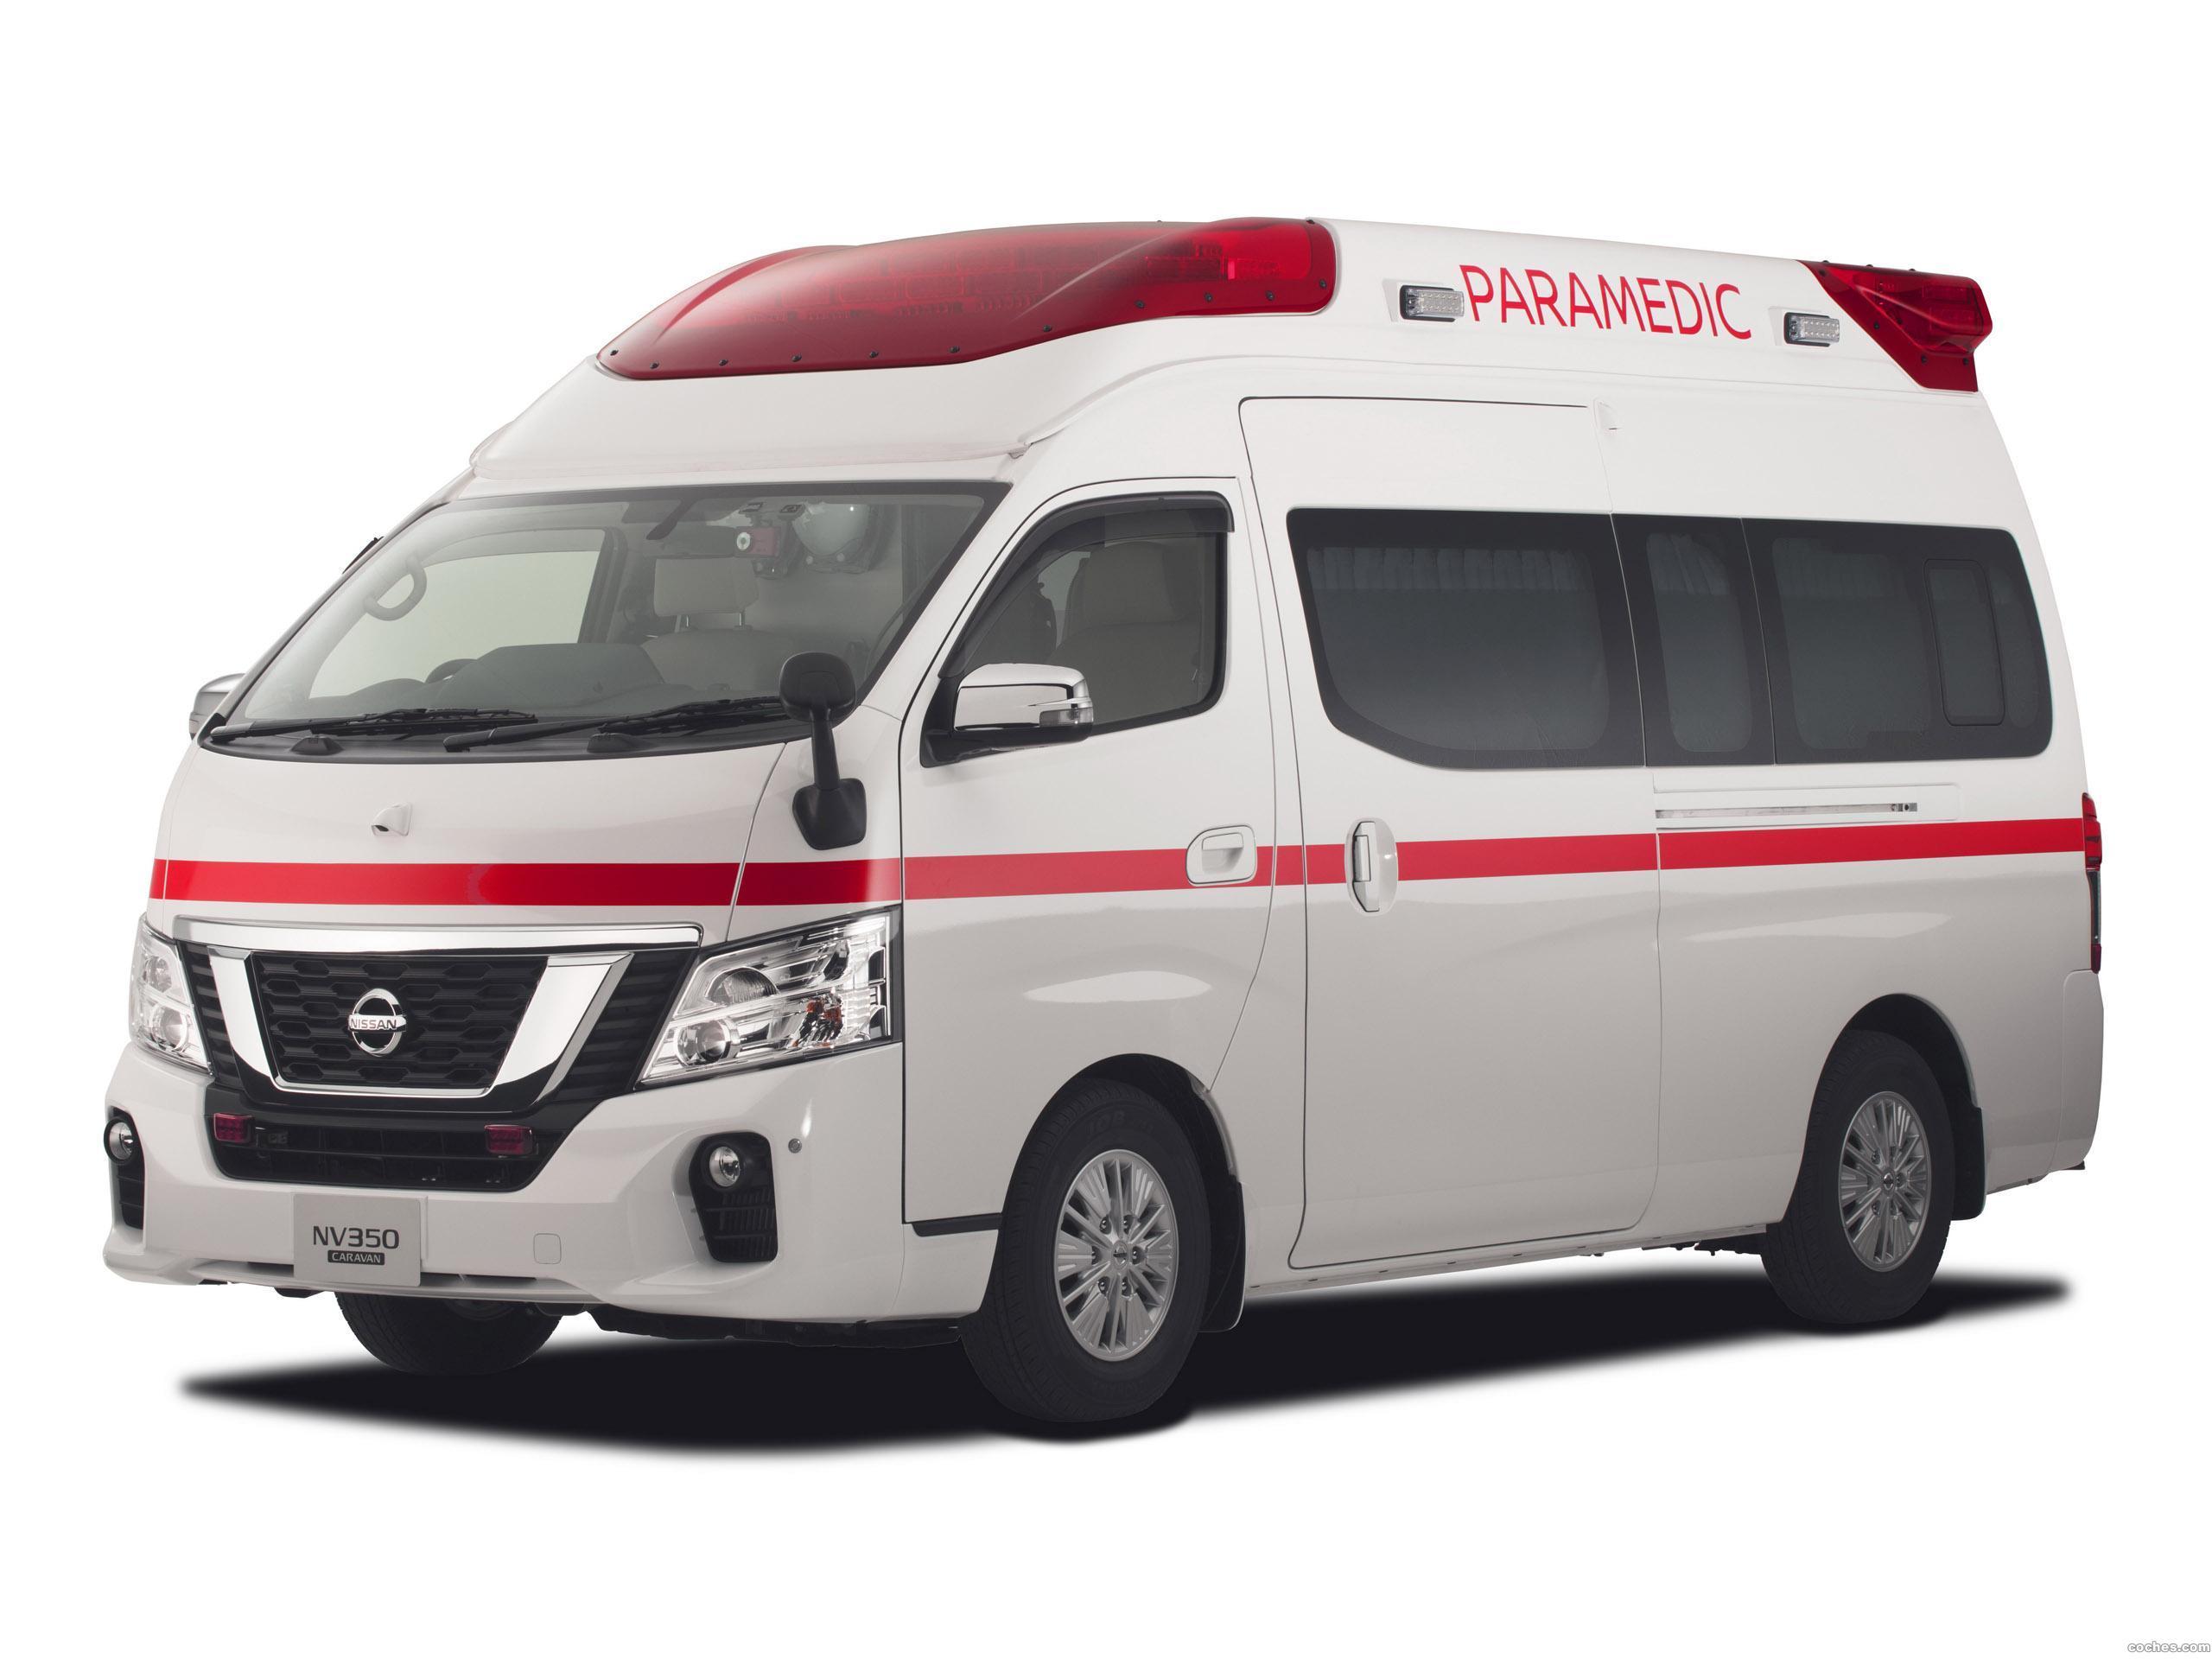 Foto 1 de Nissan NV350 Caravan Paramedic Concept  2017